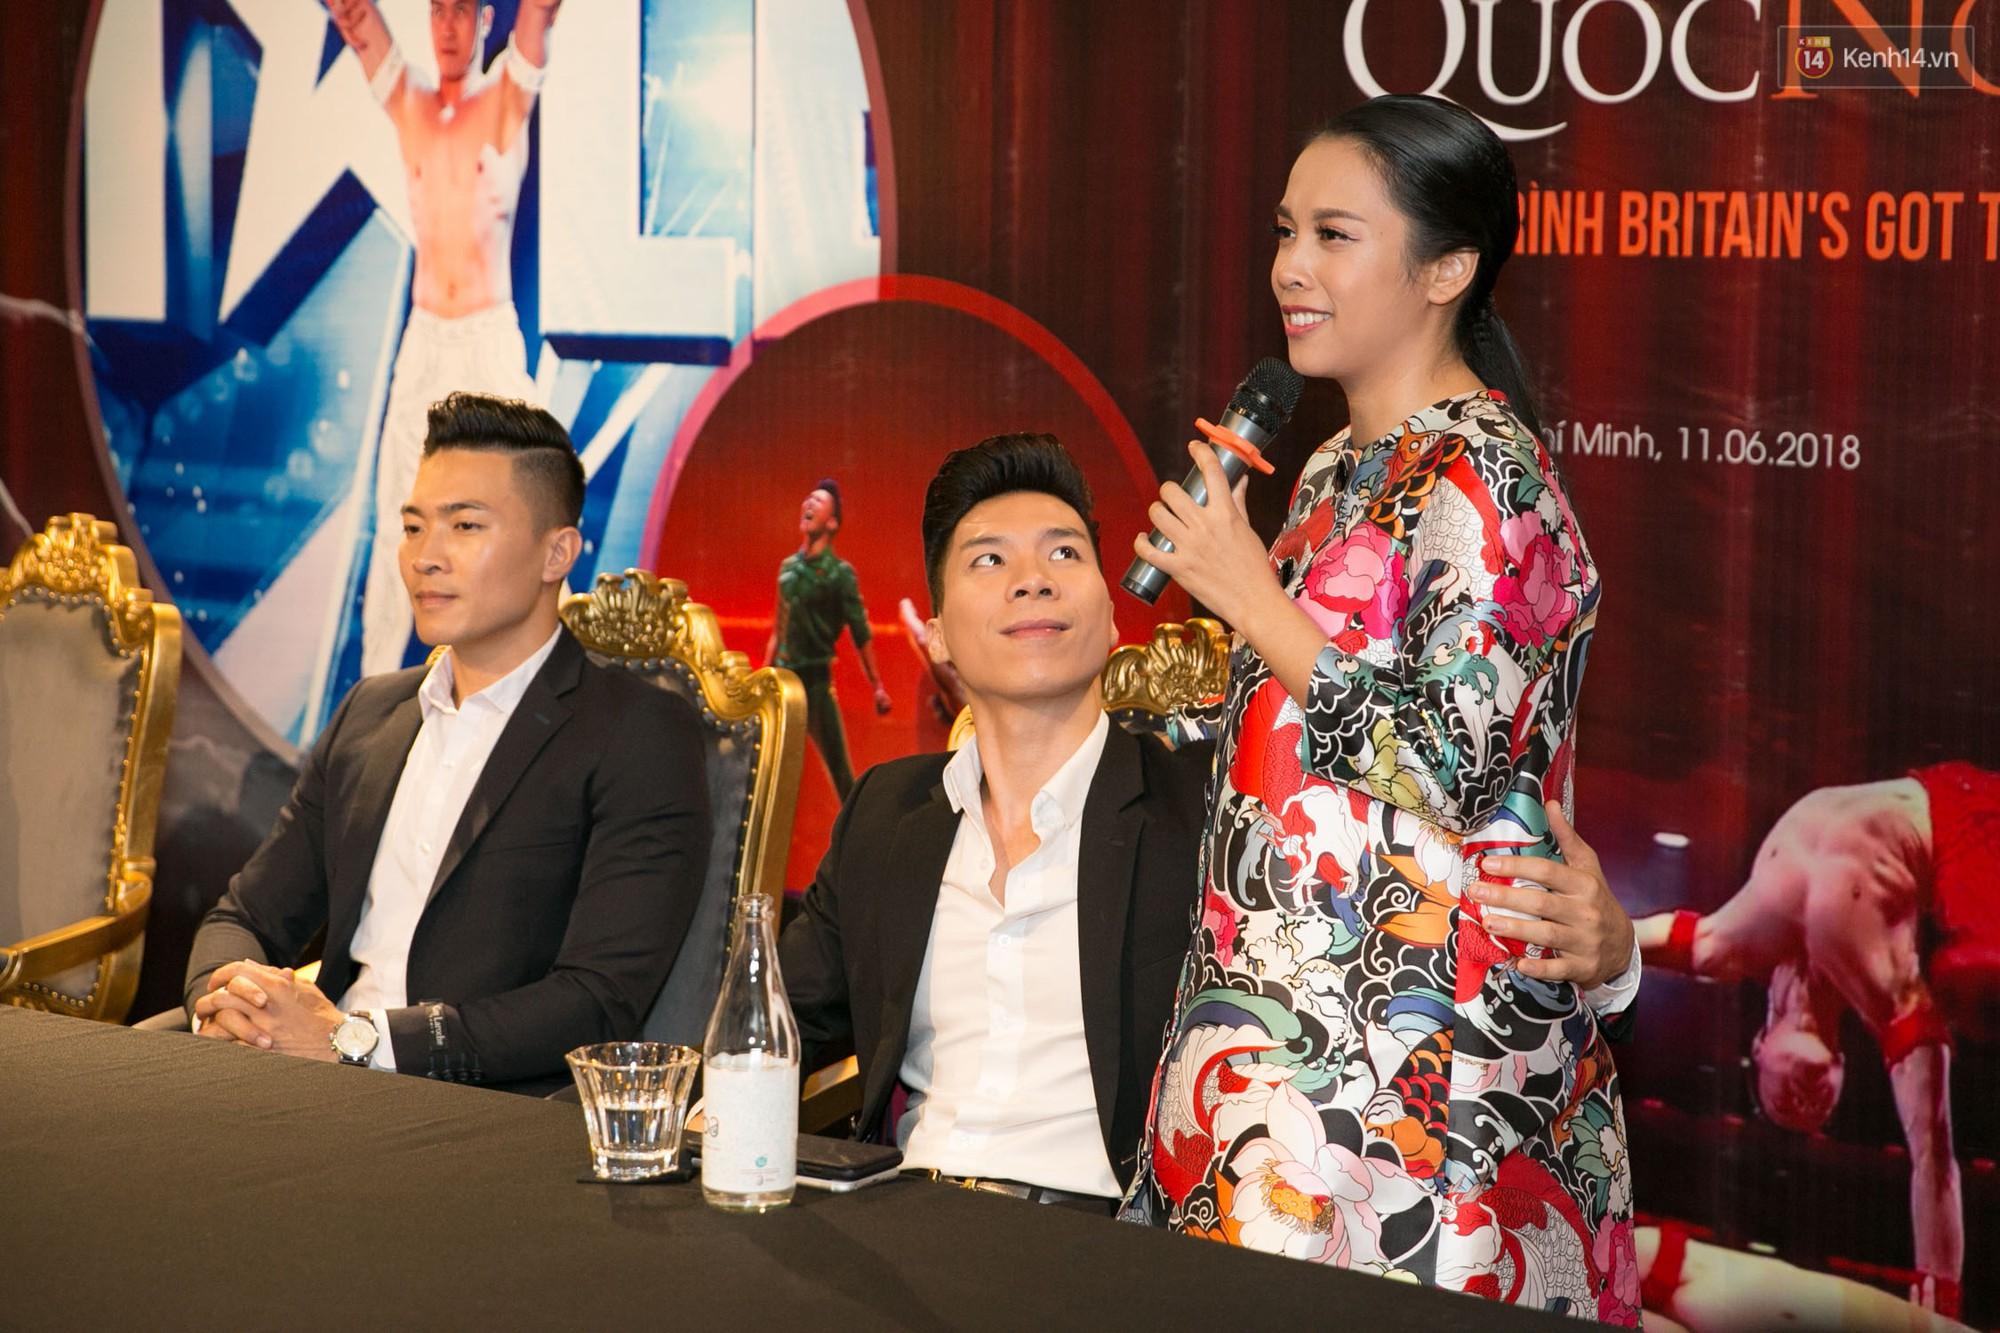 Anh em Quốc Cơ - Quốc Nghiệp phải huỷ show diễn tâm huyết tại Việt Nam vì lý do sức khoẻ - Ảnh 3.